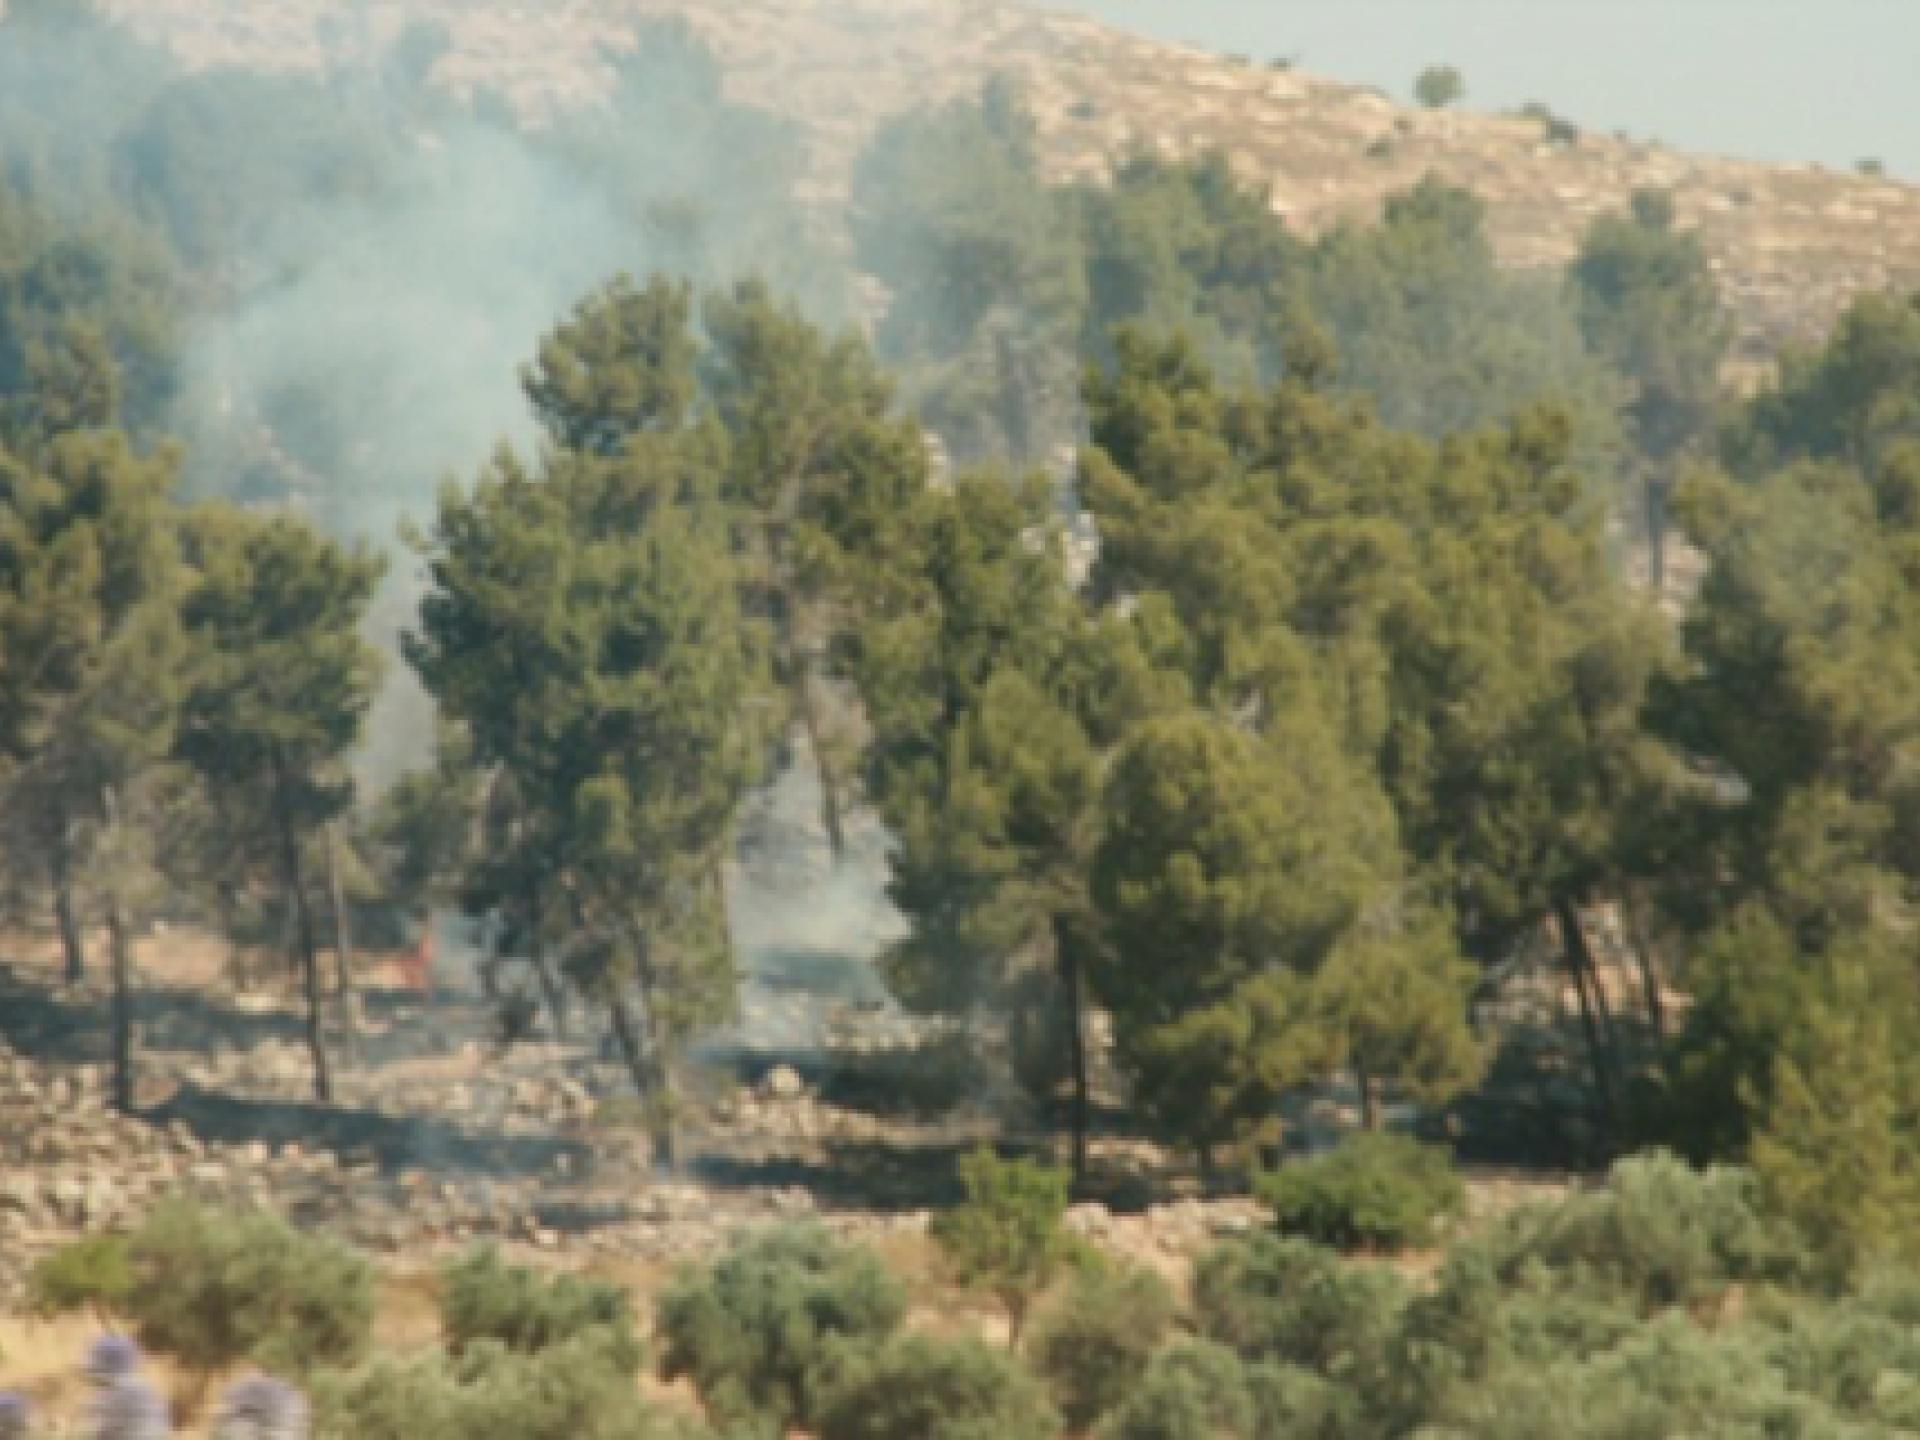 שריפה בדרום הר חברון